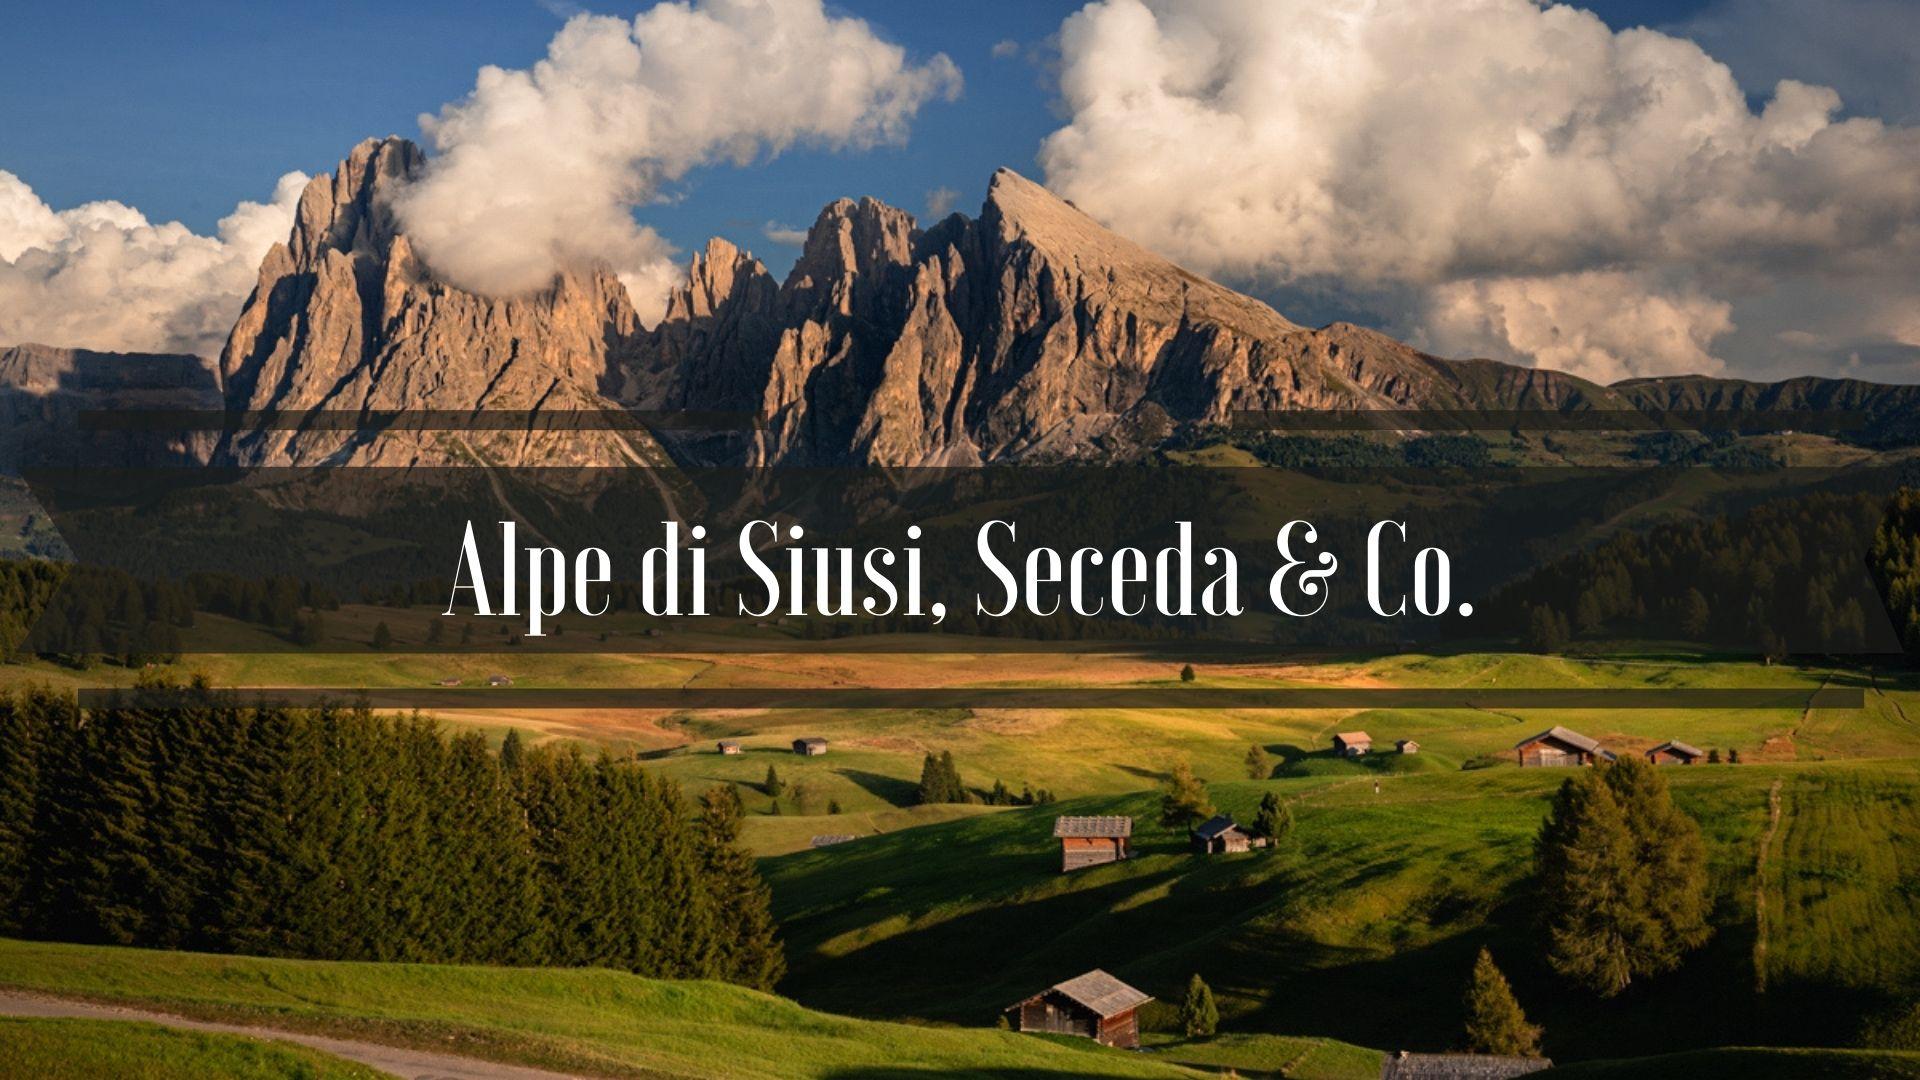 Alpe di Siusi, Seceda, Passo delle Erbe